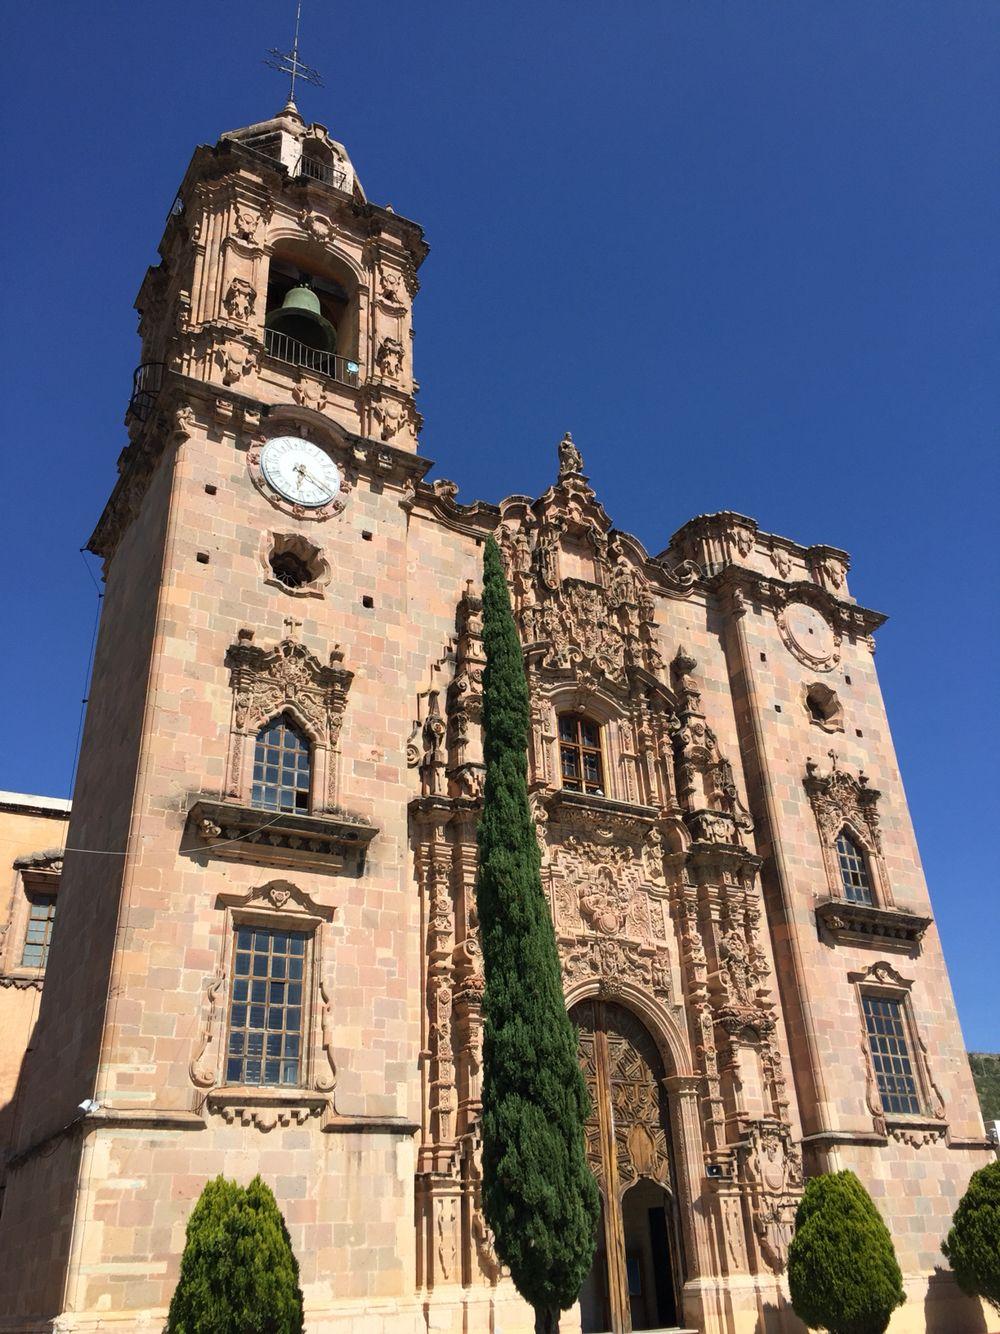 Iglesia de San Calletano, Guanajuato Mex